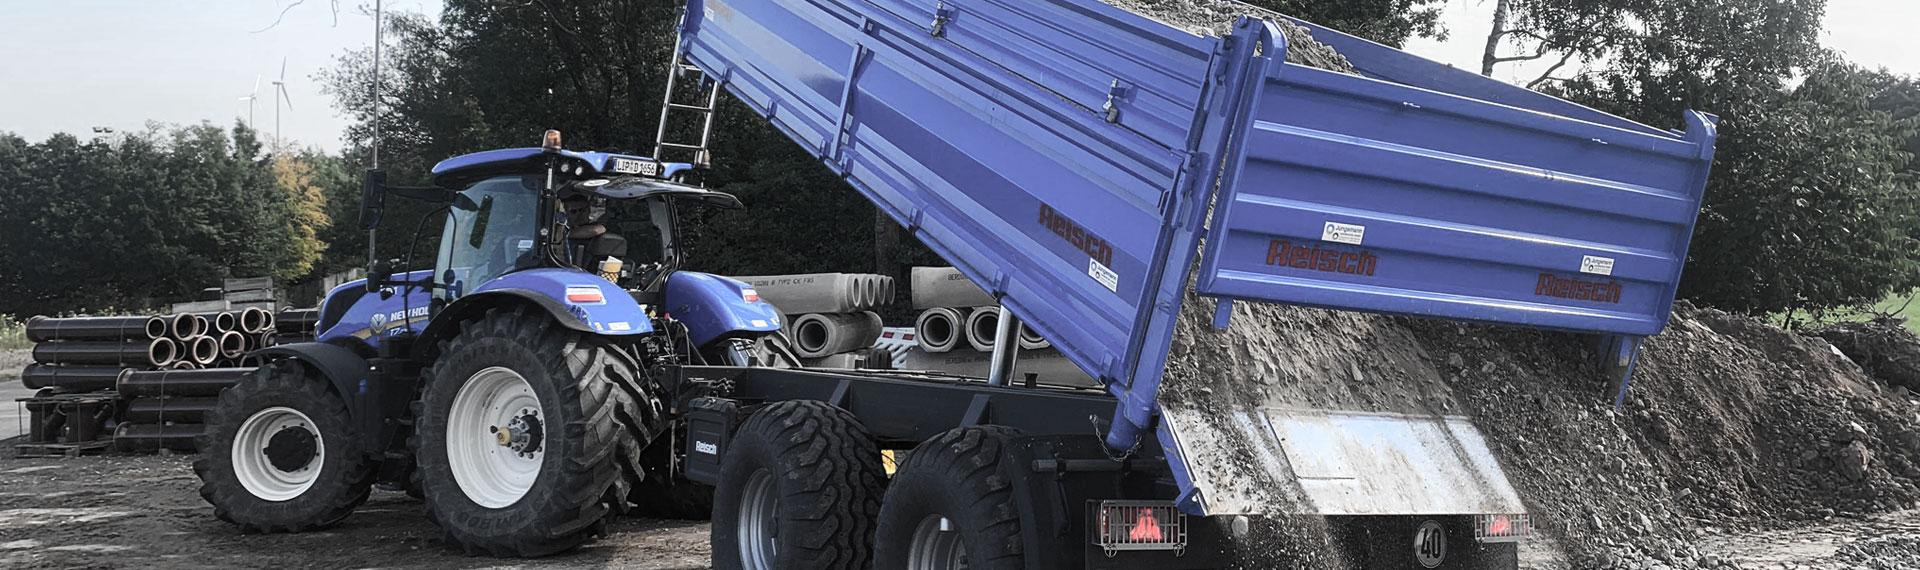 Hardox® 박판 제품으로 제작된 파란색 덤프 트럭 적재함에서 적재된 암석들을 쏟아 내고 있습니다.